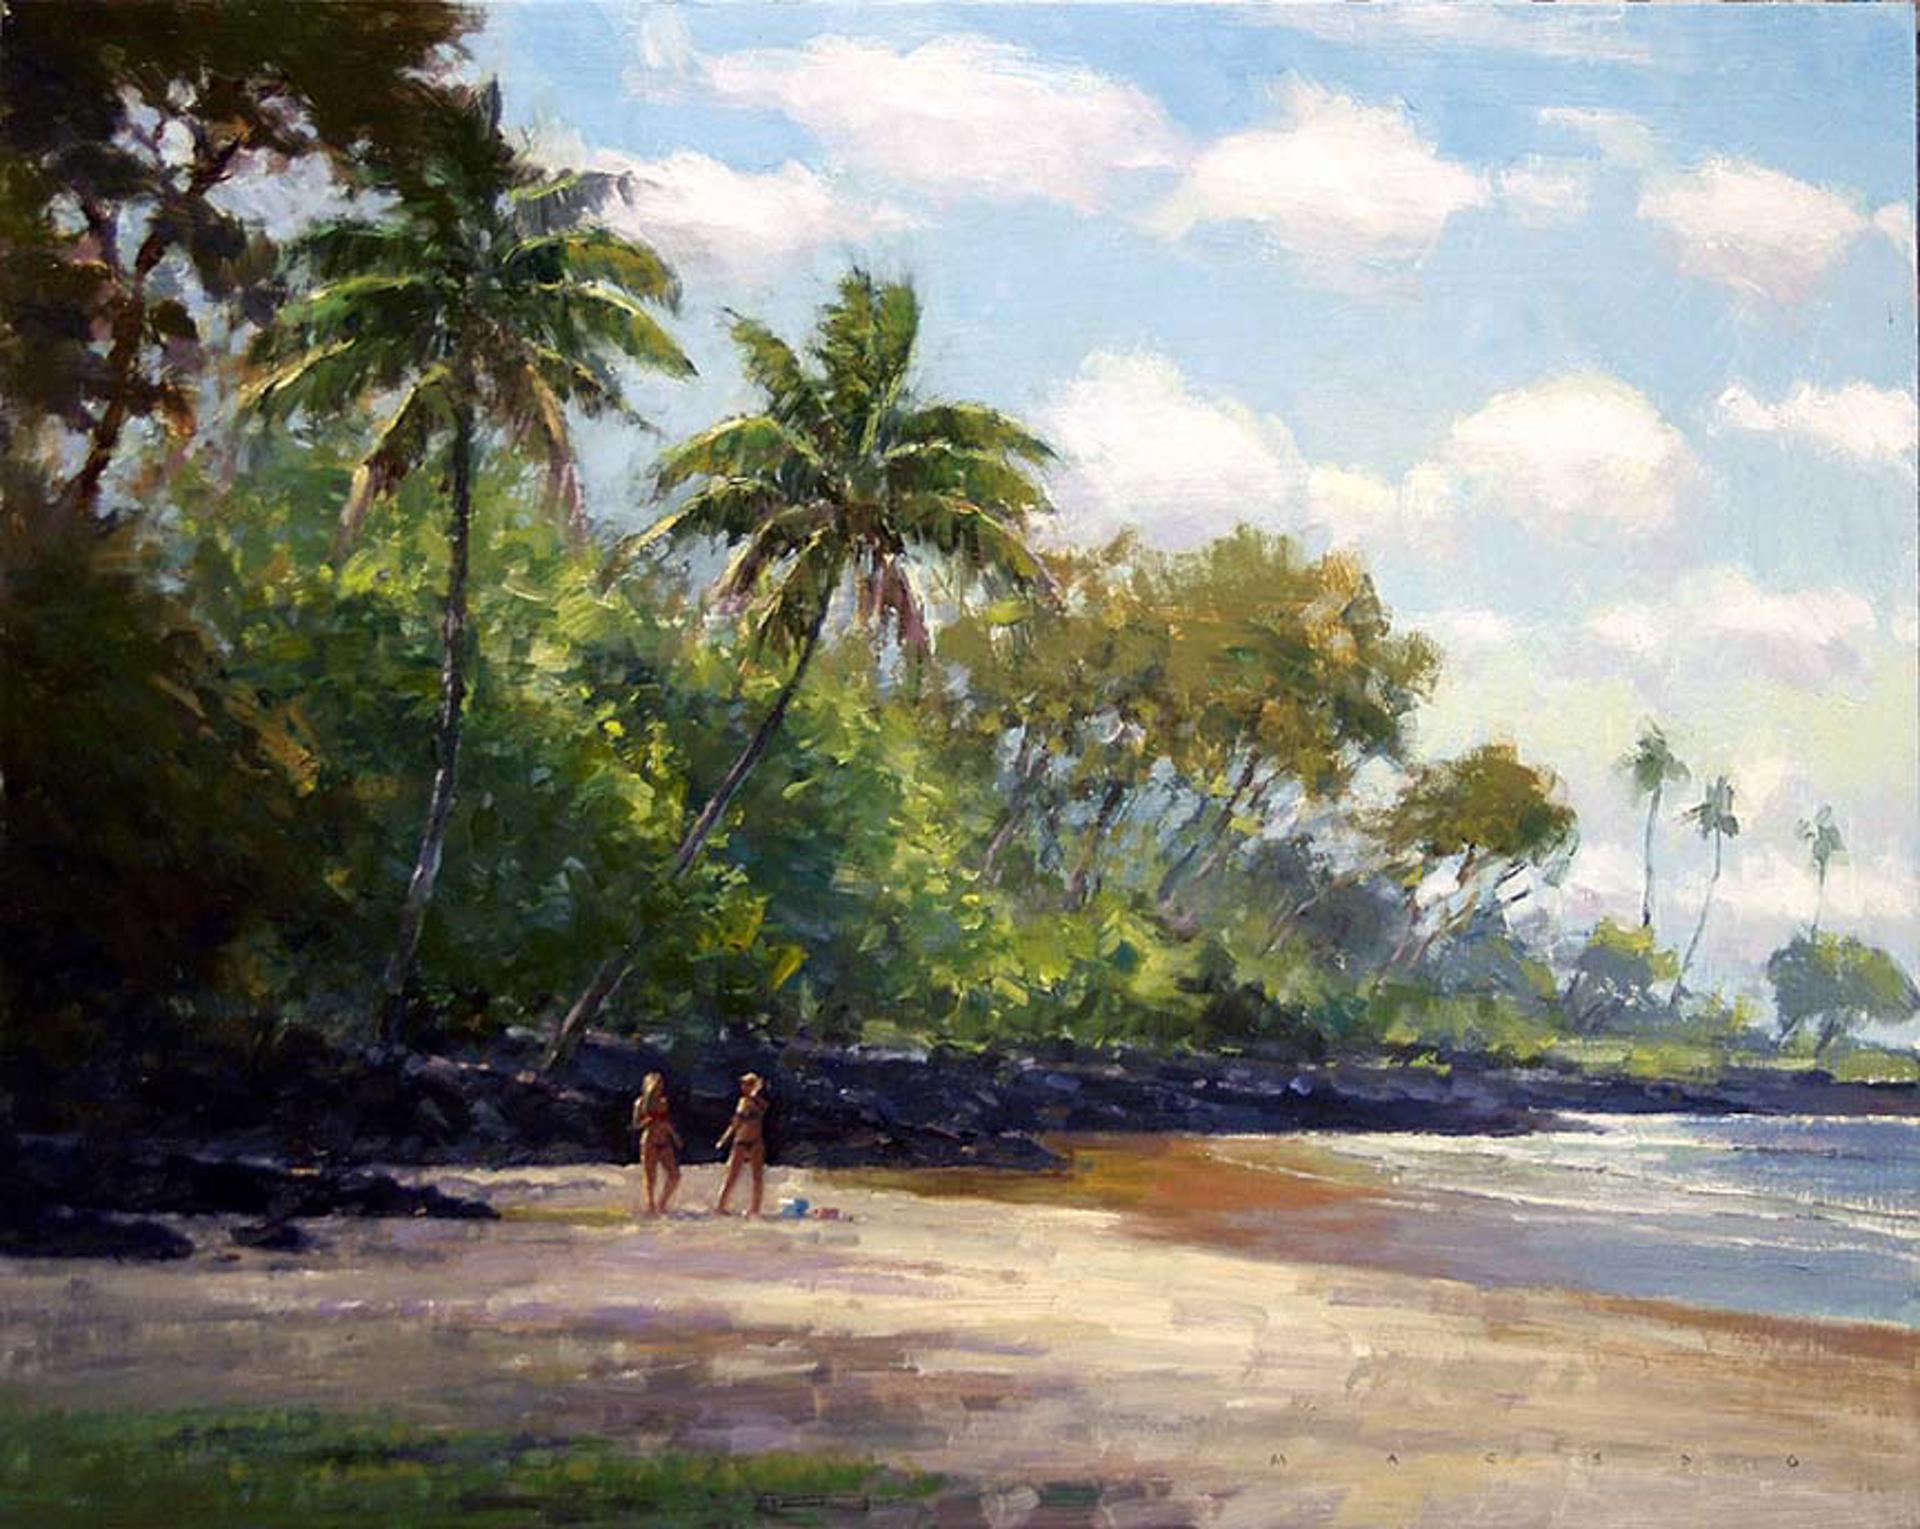 Hamoa Ladies Beach Day by Ronaldo Macedo